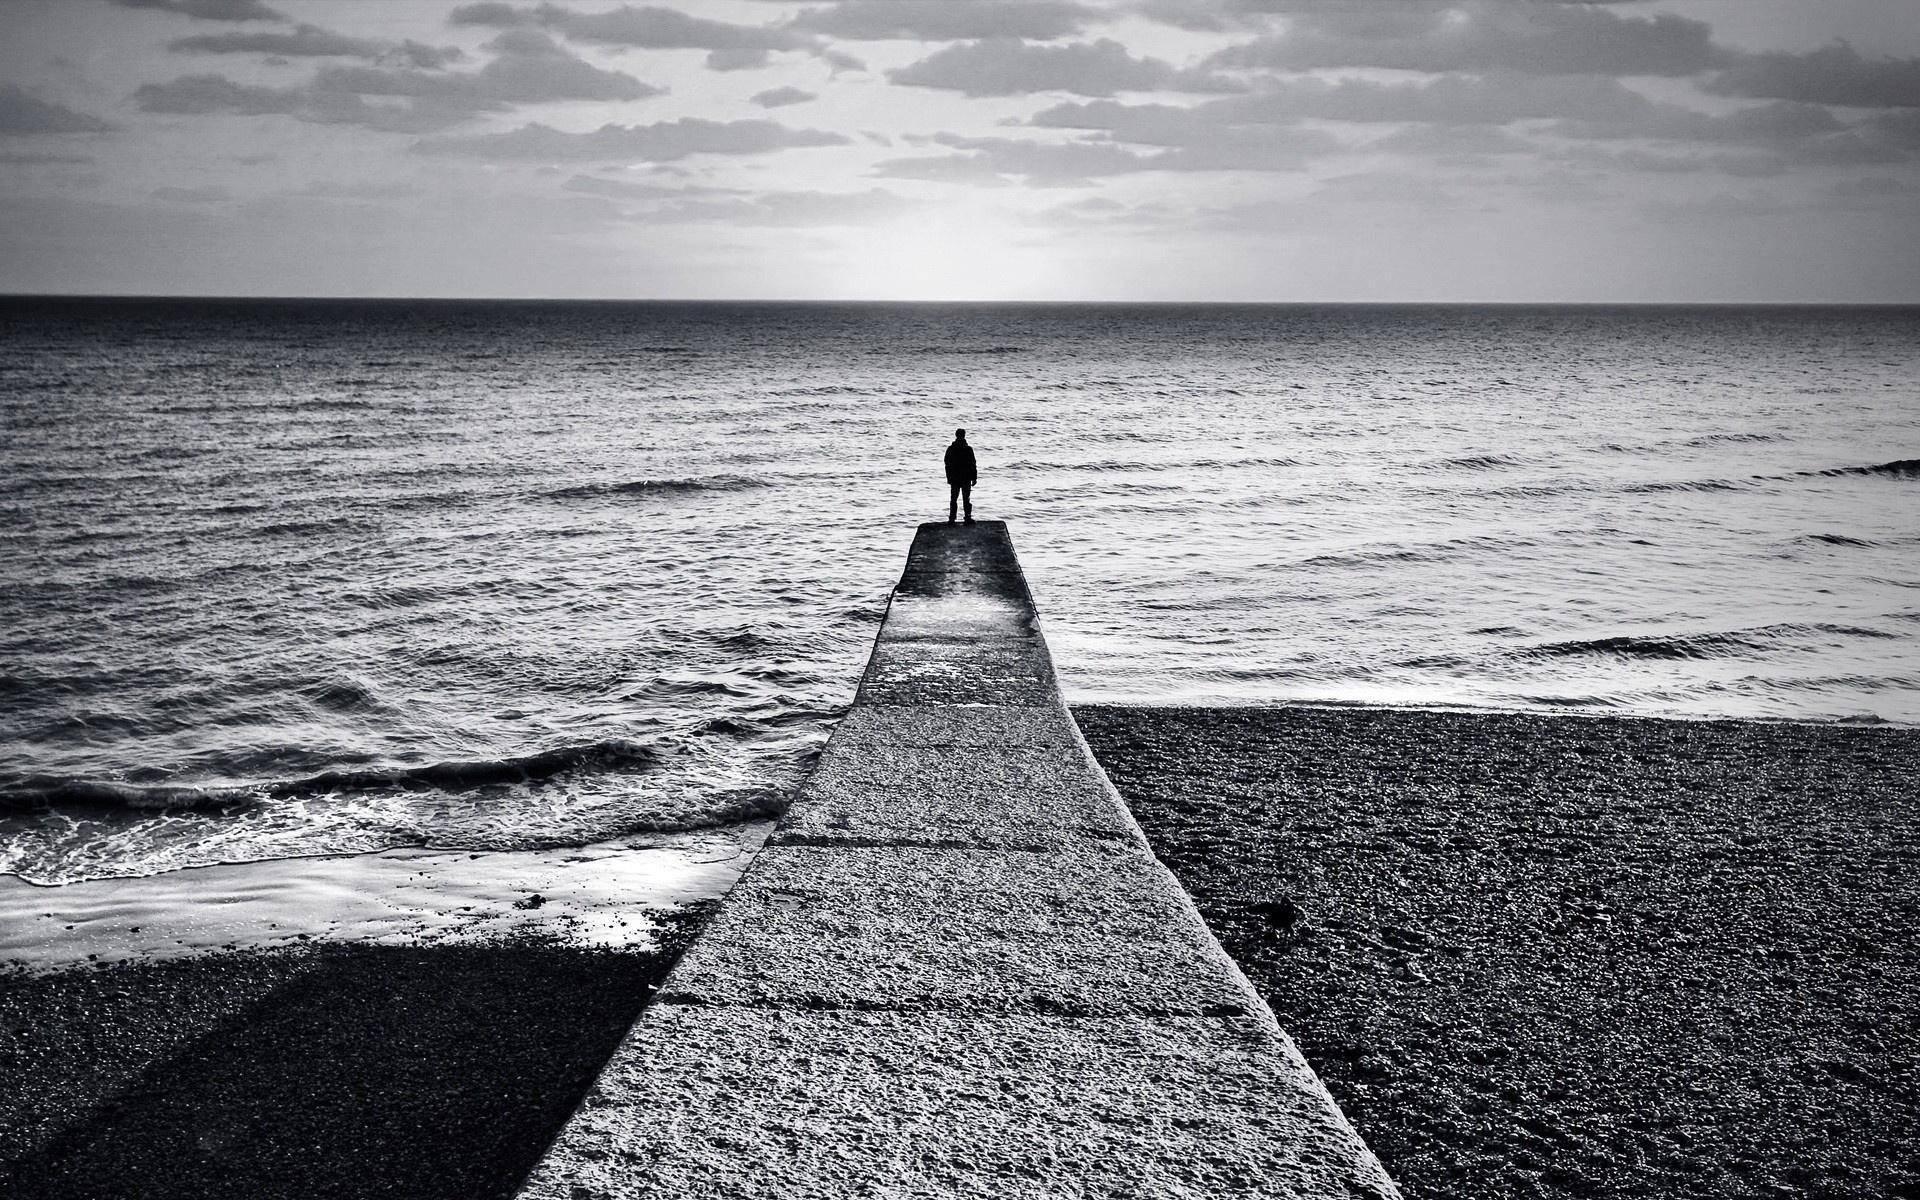 одиночечтво